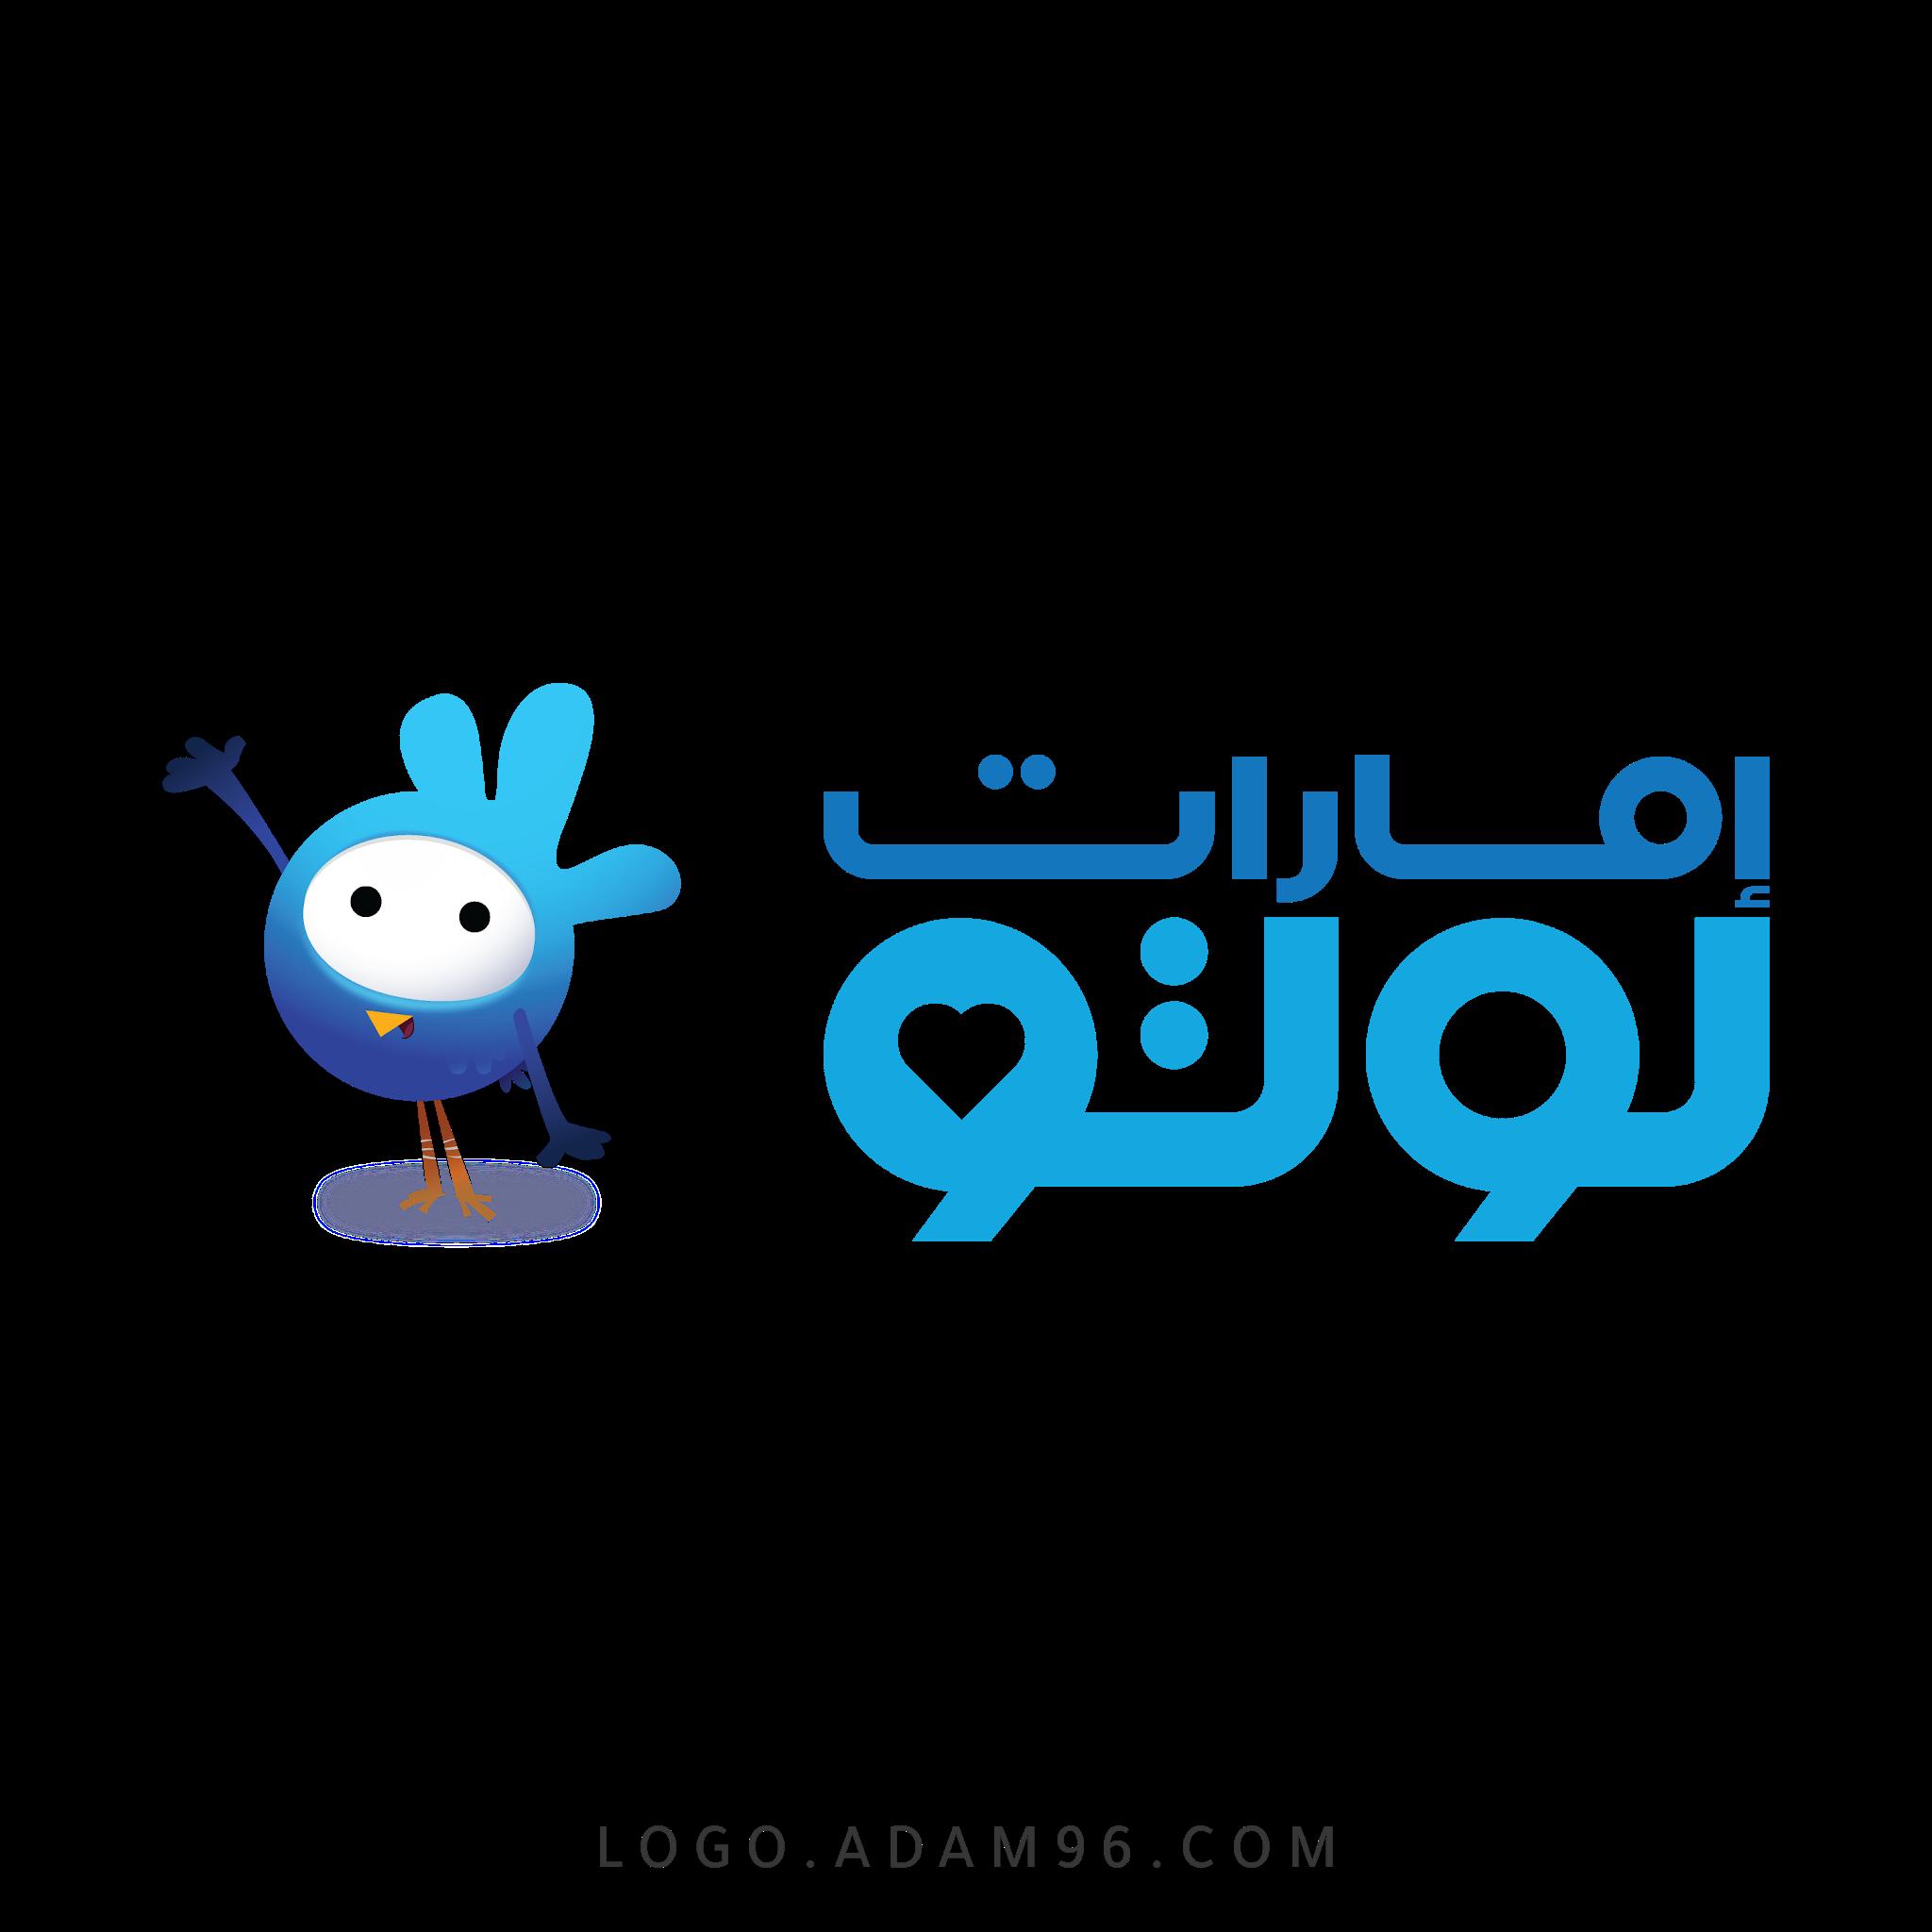 تحميل شعار امارات لوتو لوجو شفاف بصيغة عالية Logo Emirates Lotto PNG